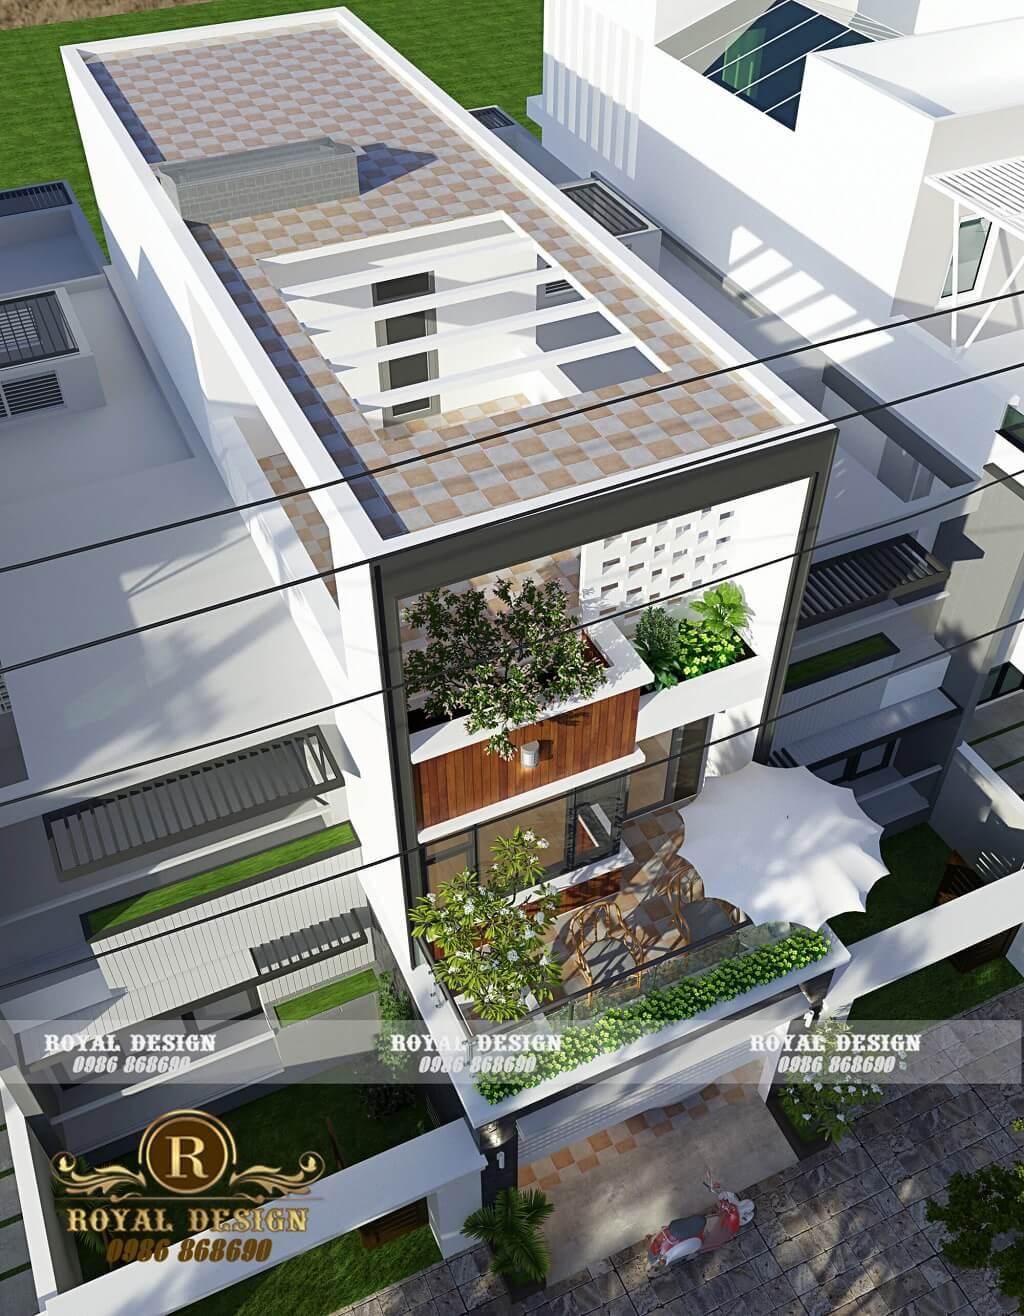 View nhìn từ trên cao xuống nhà phố hiện đại